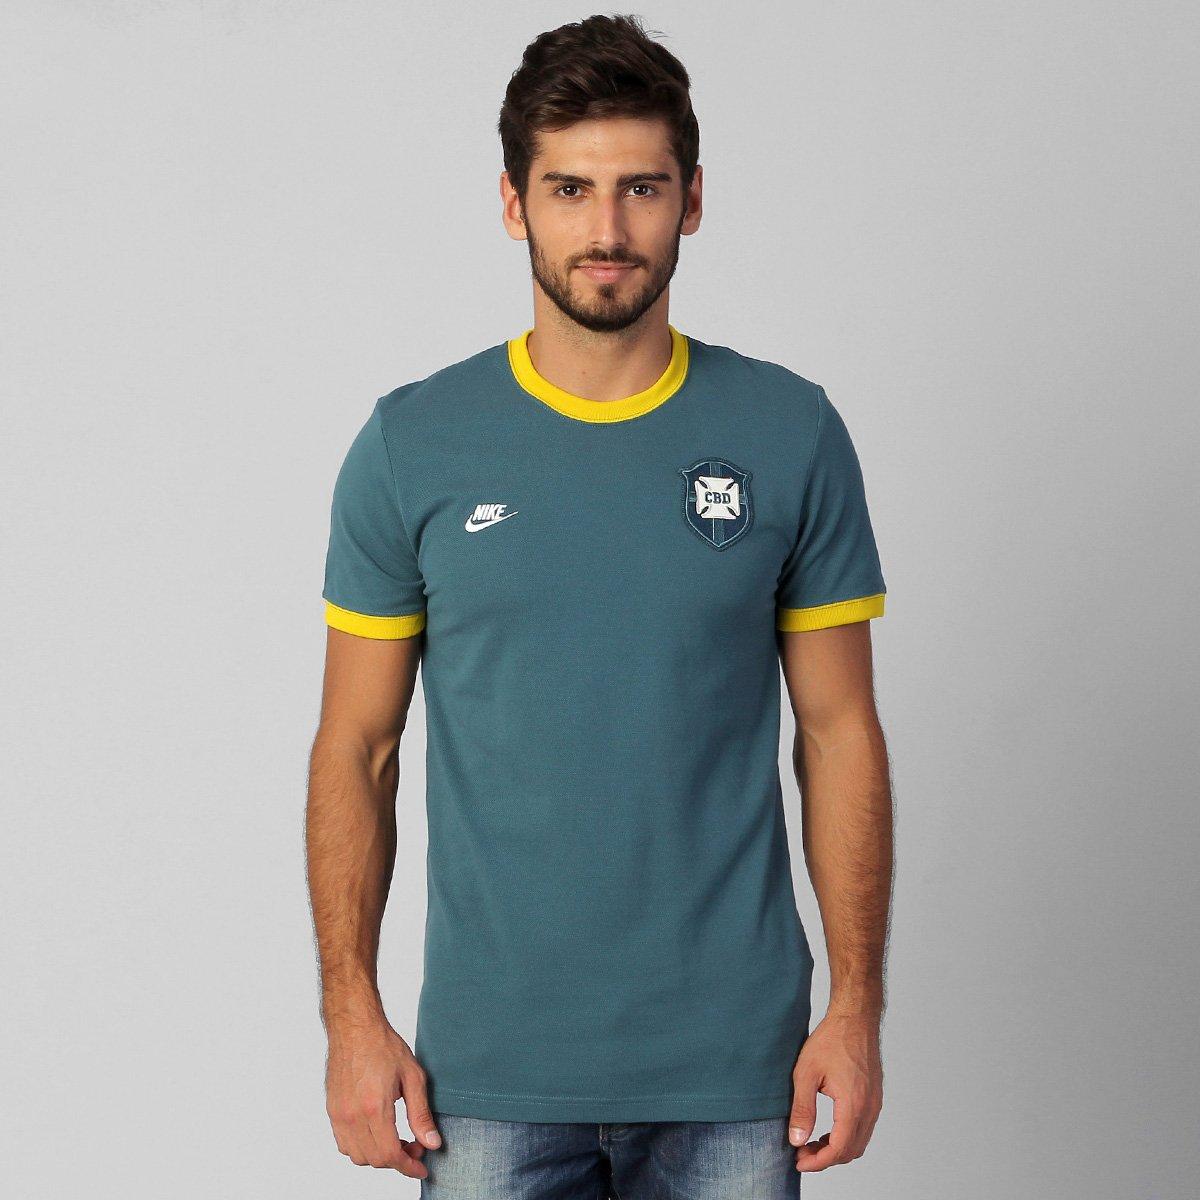 d79c9451c8e Camiseta Nike Seleção Brasil Retrô - Compre Agora